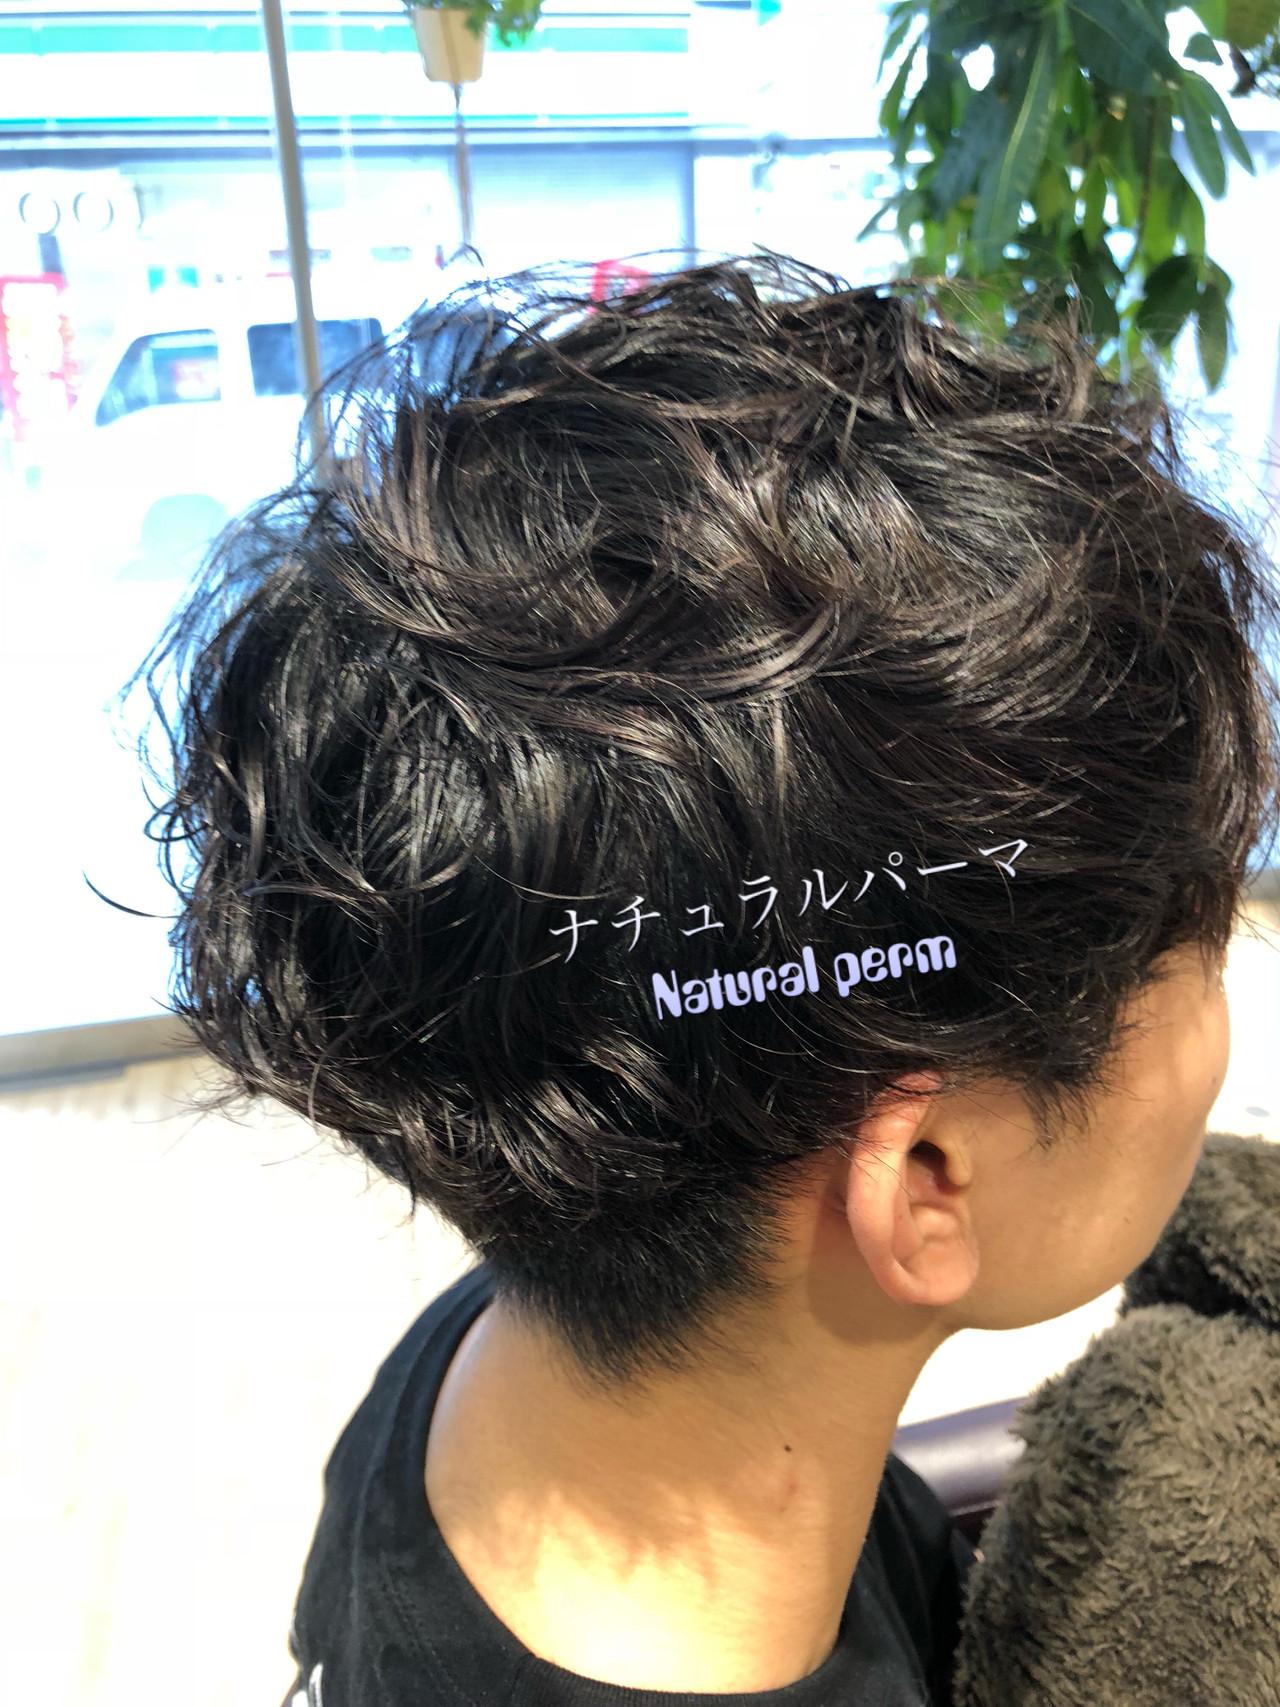 ショート パーマ メンズスタイル メンズパーマ ヘアスタイルや髪型の写真・画像 | 小泉 俊輔 / toohair